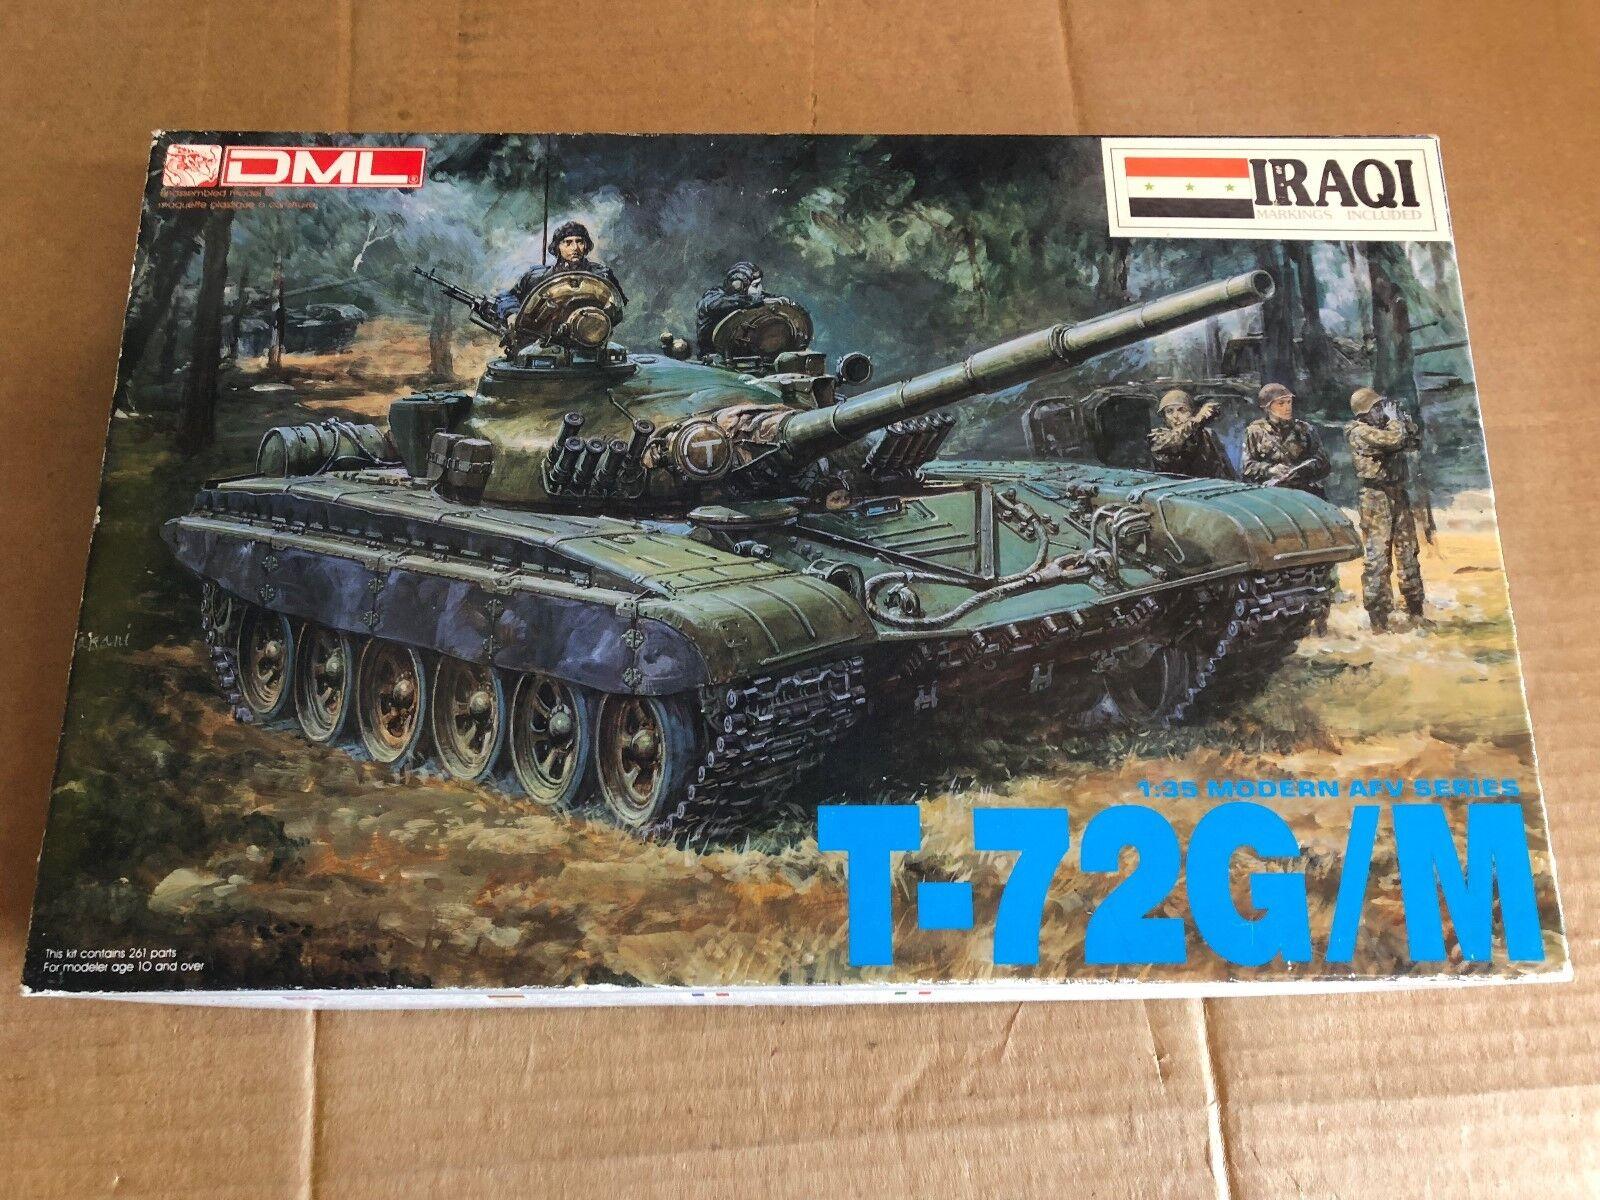 DRAGON T-72G M IRAQI TANK 1 35 MODEL KIT 3502-2200